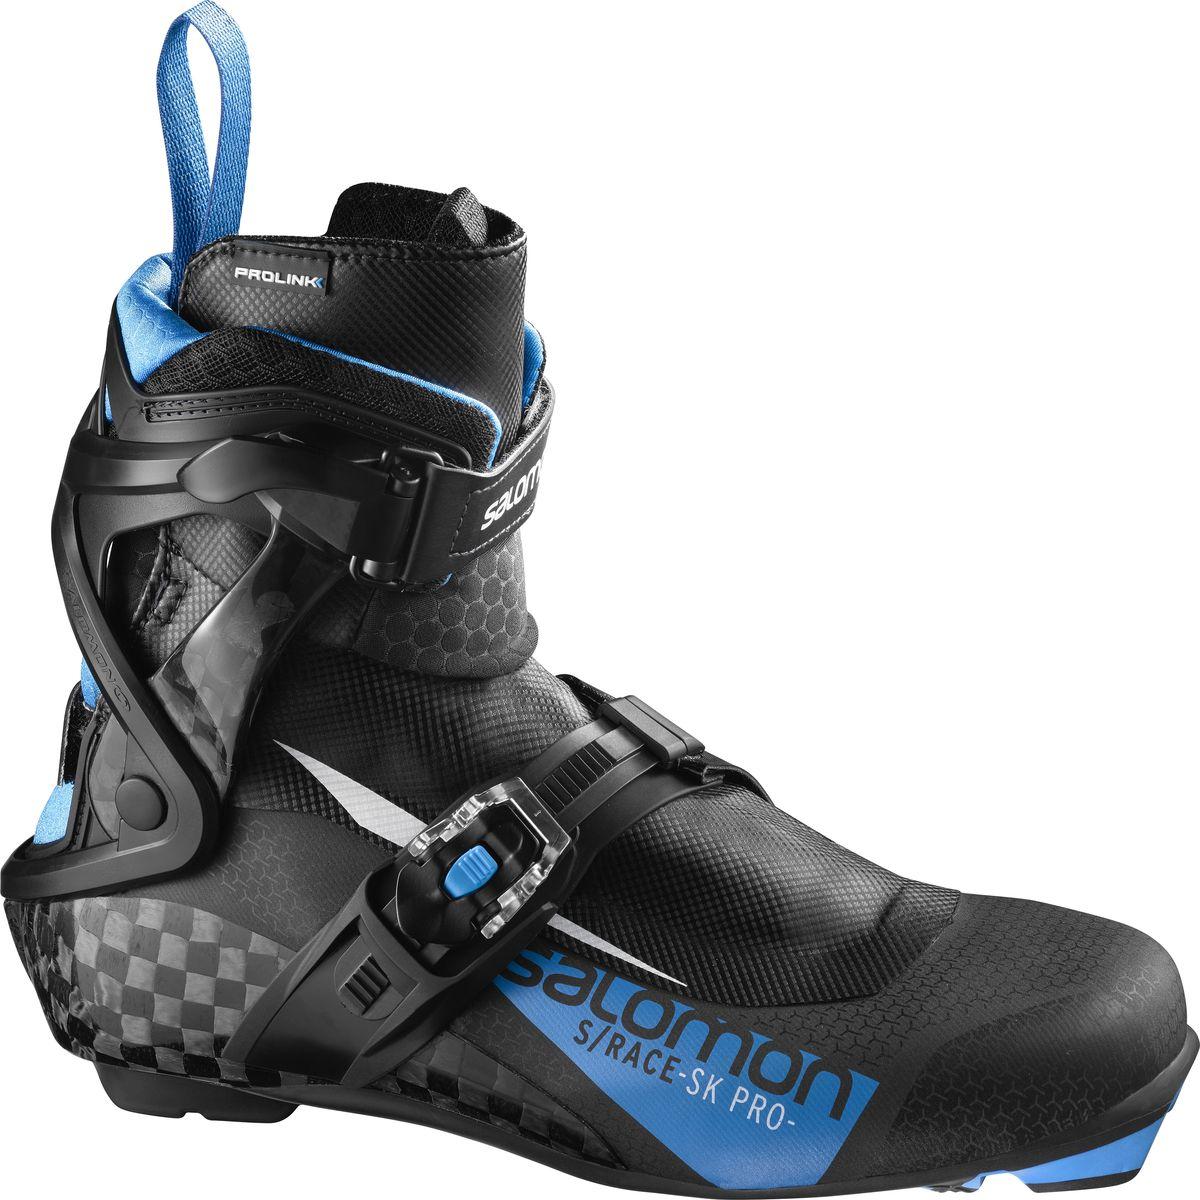 Ботинки лыжные мужские Salomon S/Race SK Pro Prolink, цвет: черный. Размер 10,5 (44) ботинки лыжные мужские salomon escape 7 prolink цвет черный размер 8 5 41